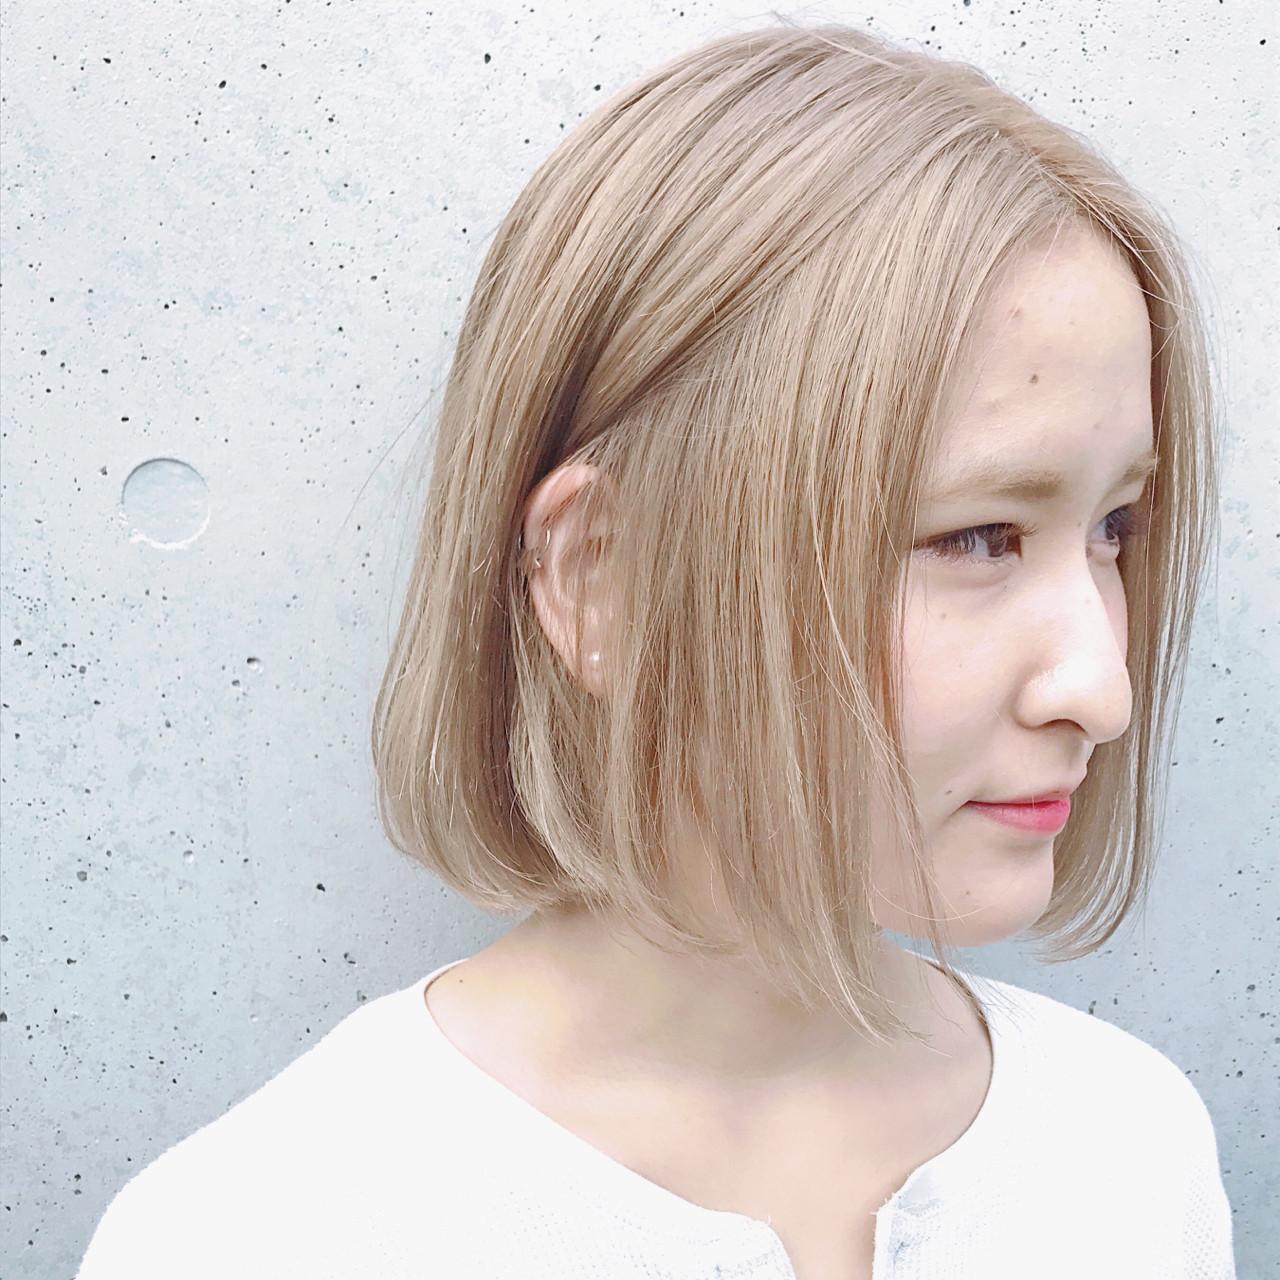 大人女子 色気 ハイライト ガーリー ヘアスタイルや髪型の写真・画像 | 熊谷 公亮 / Fits core